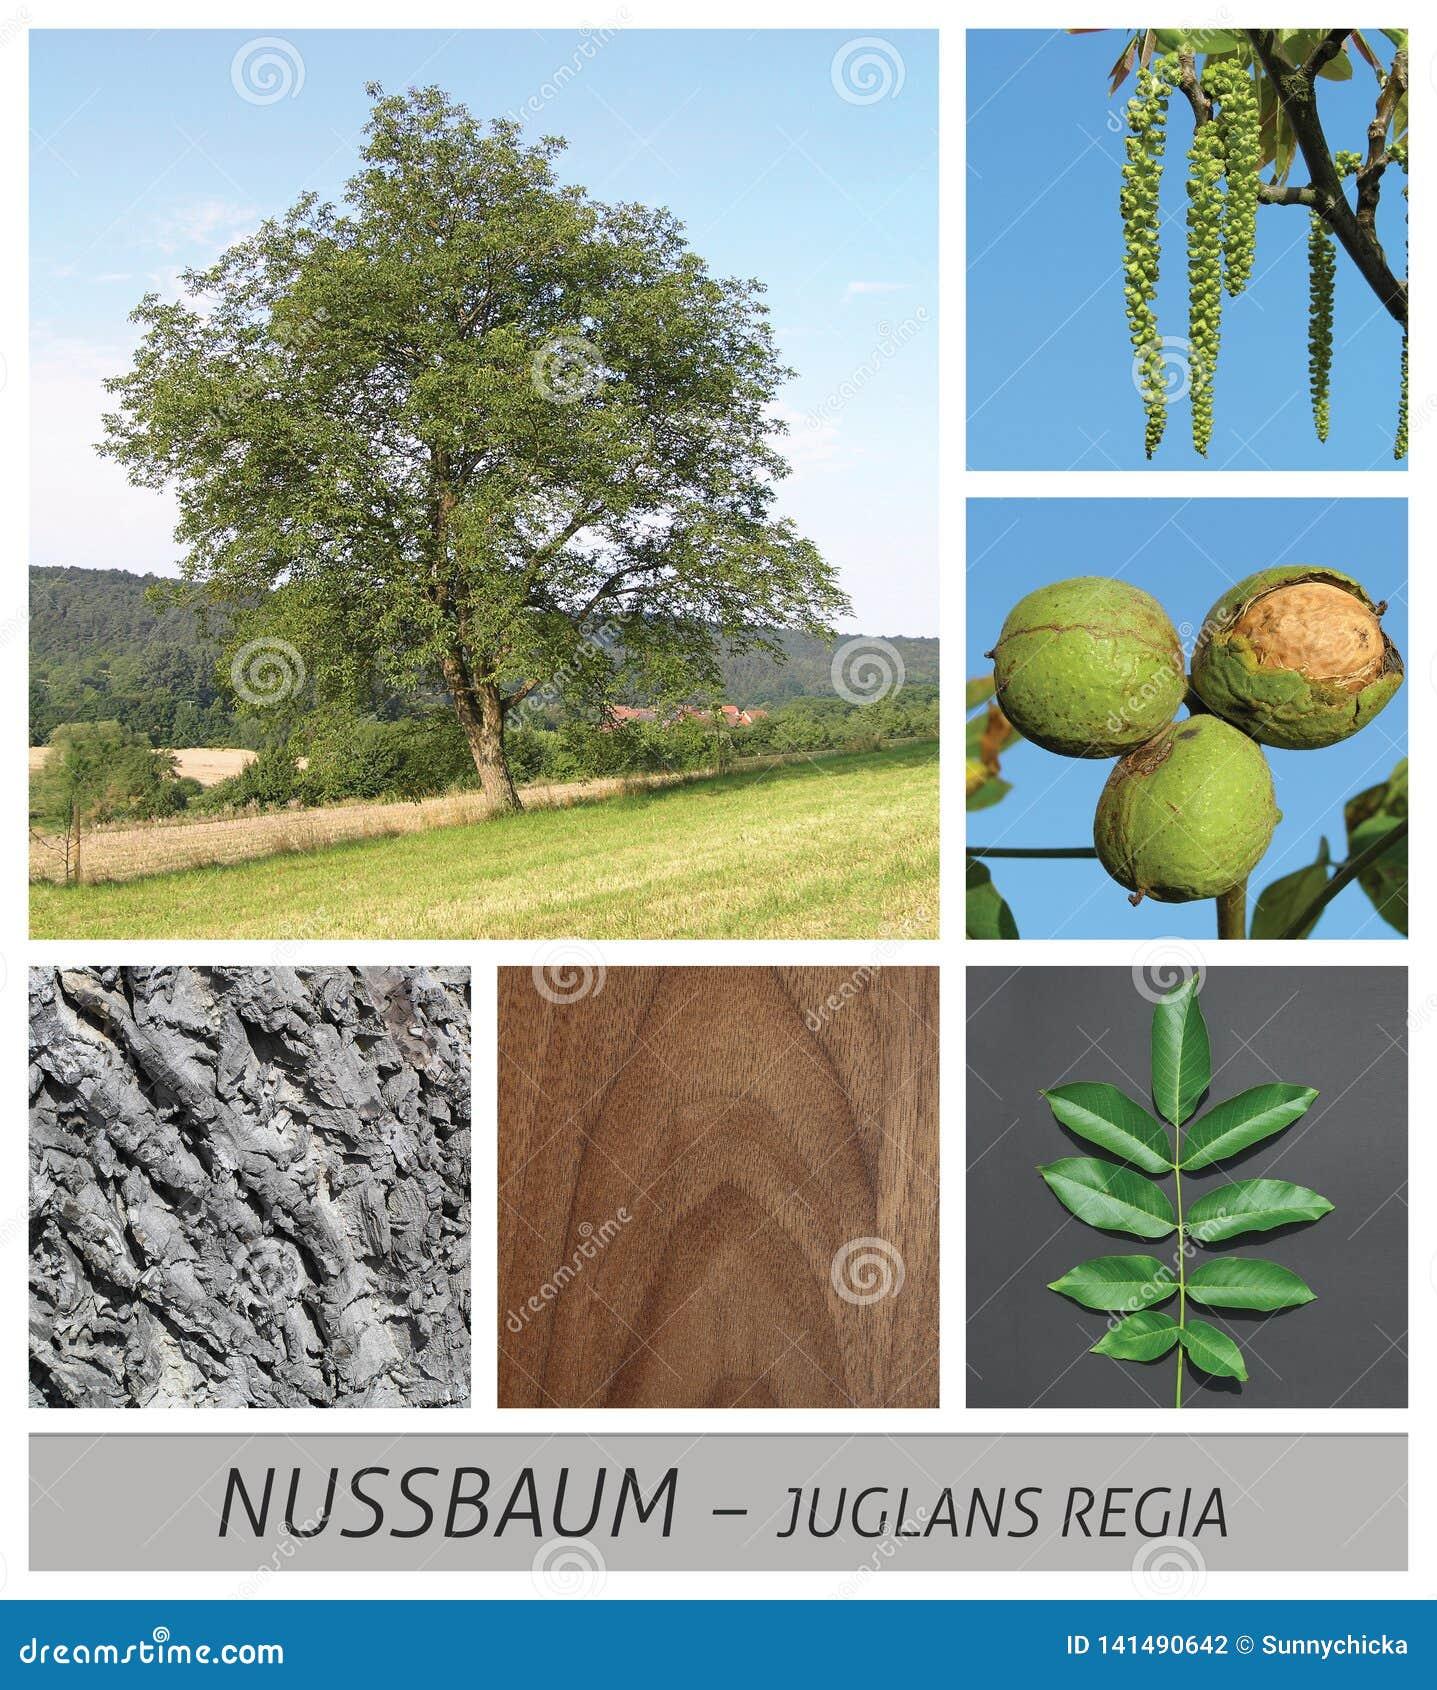 Noce, dado, albero, noci, crescenti, alberi, frutti, frutta, legno, buio, juglans,